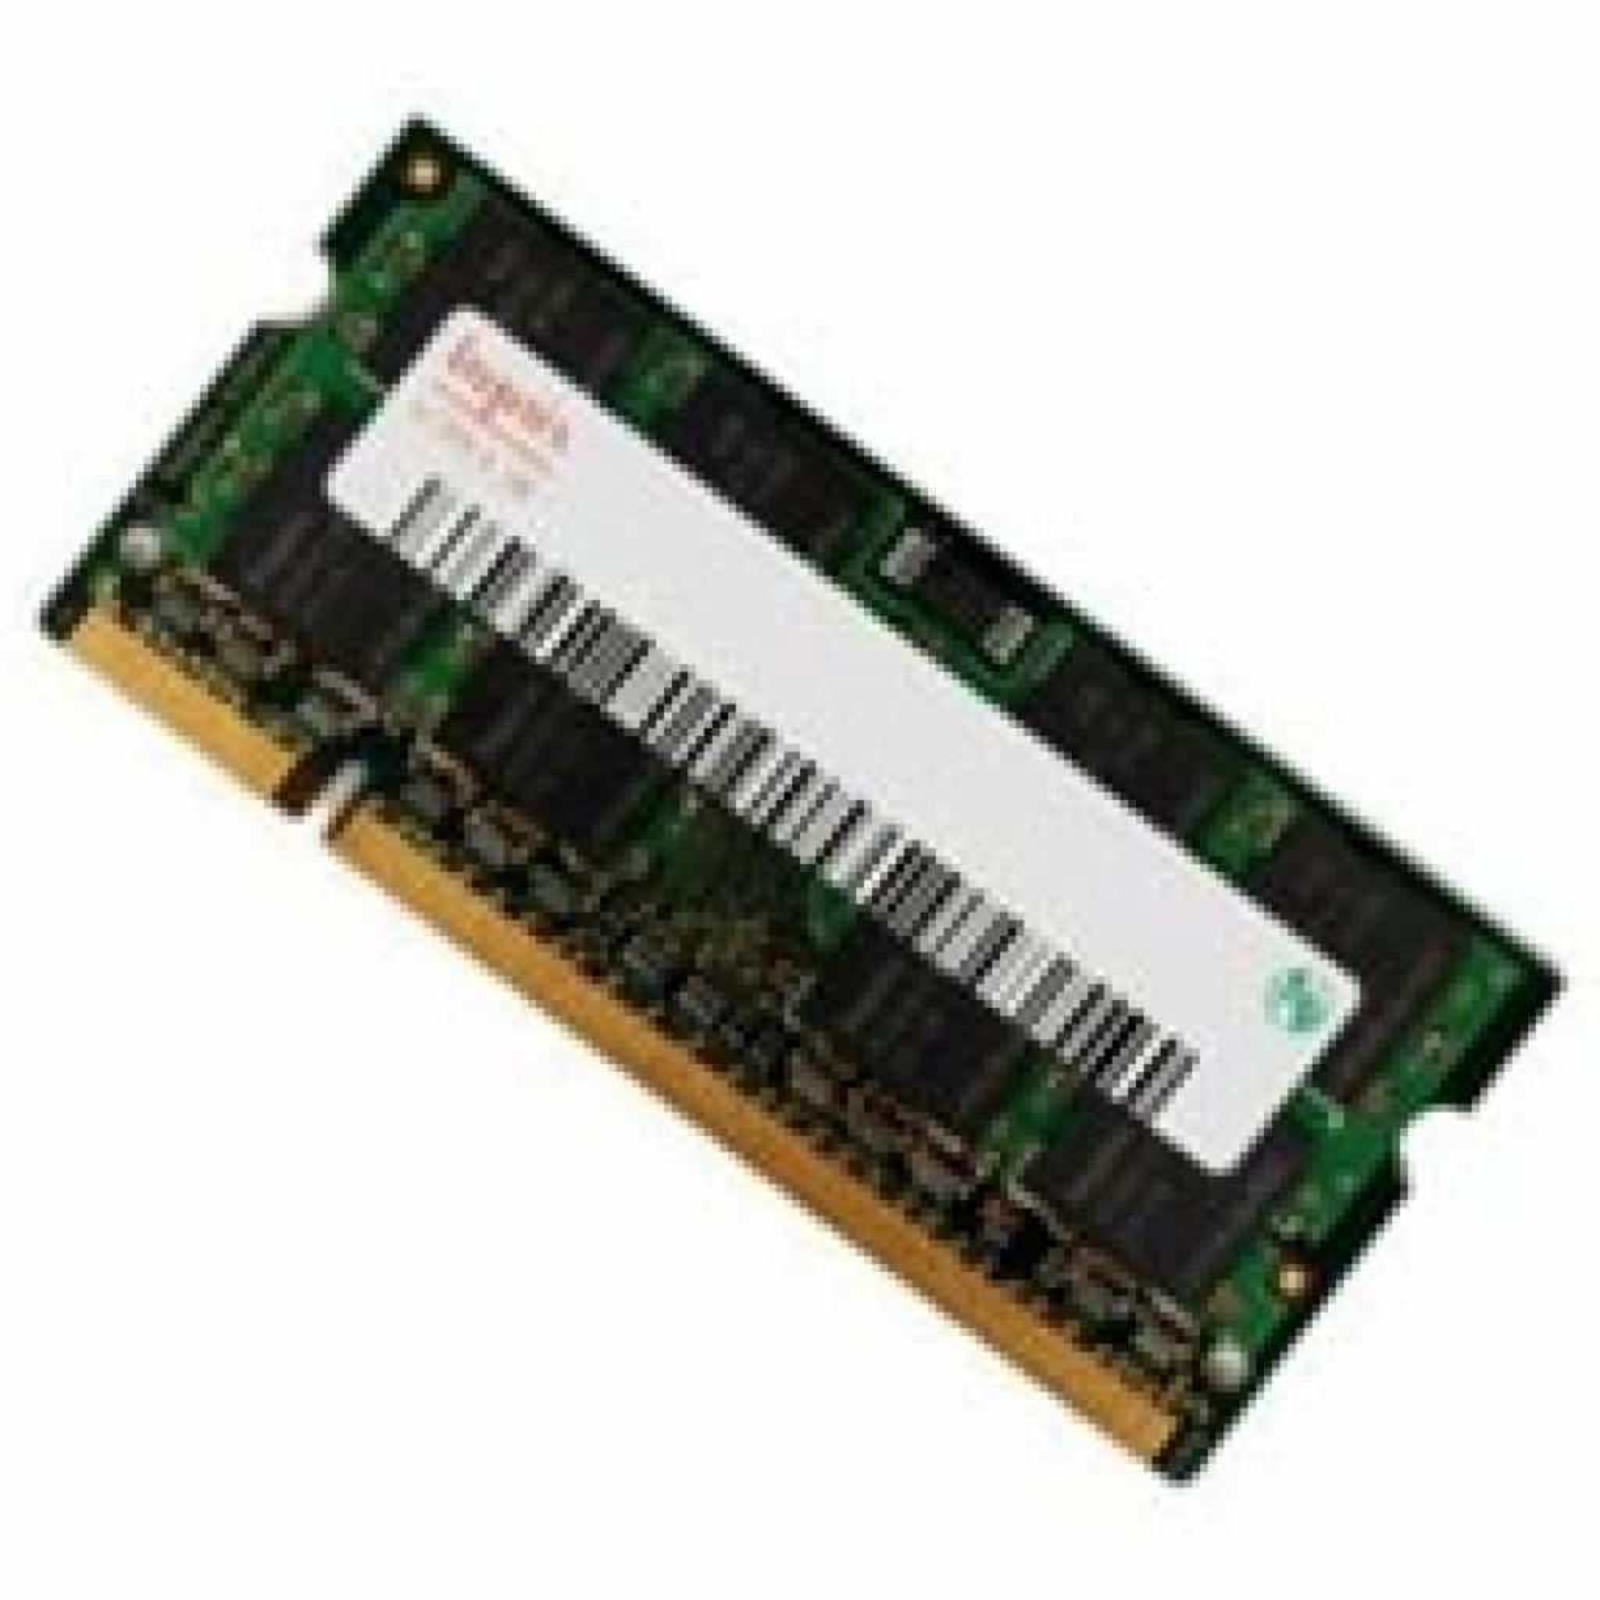 Модуль памяти для ноутбука SoDIMM DDR2 2GB 800 MHz Hynix (HYMP125S64CR8 / HYMP125S64CR8-S6)